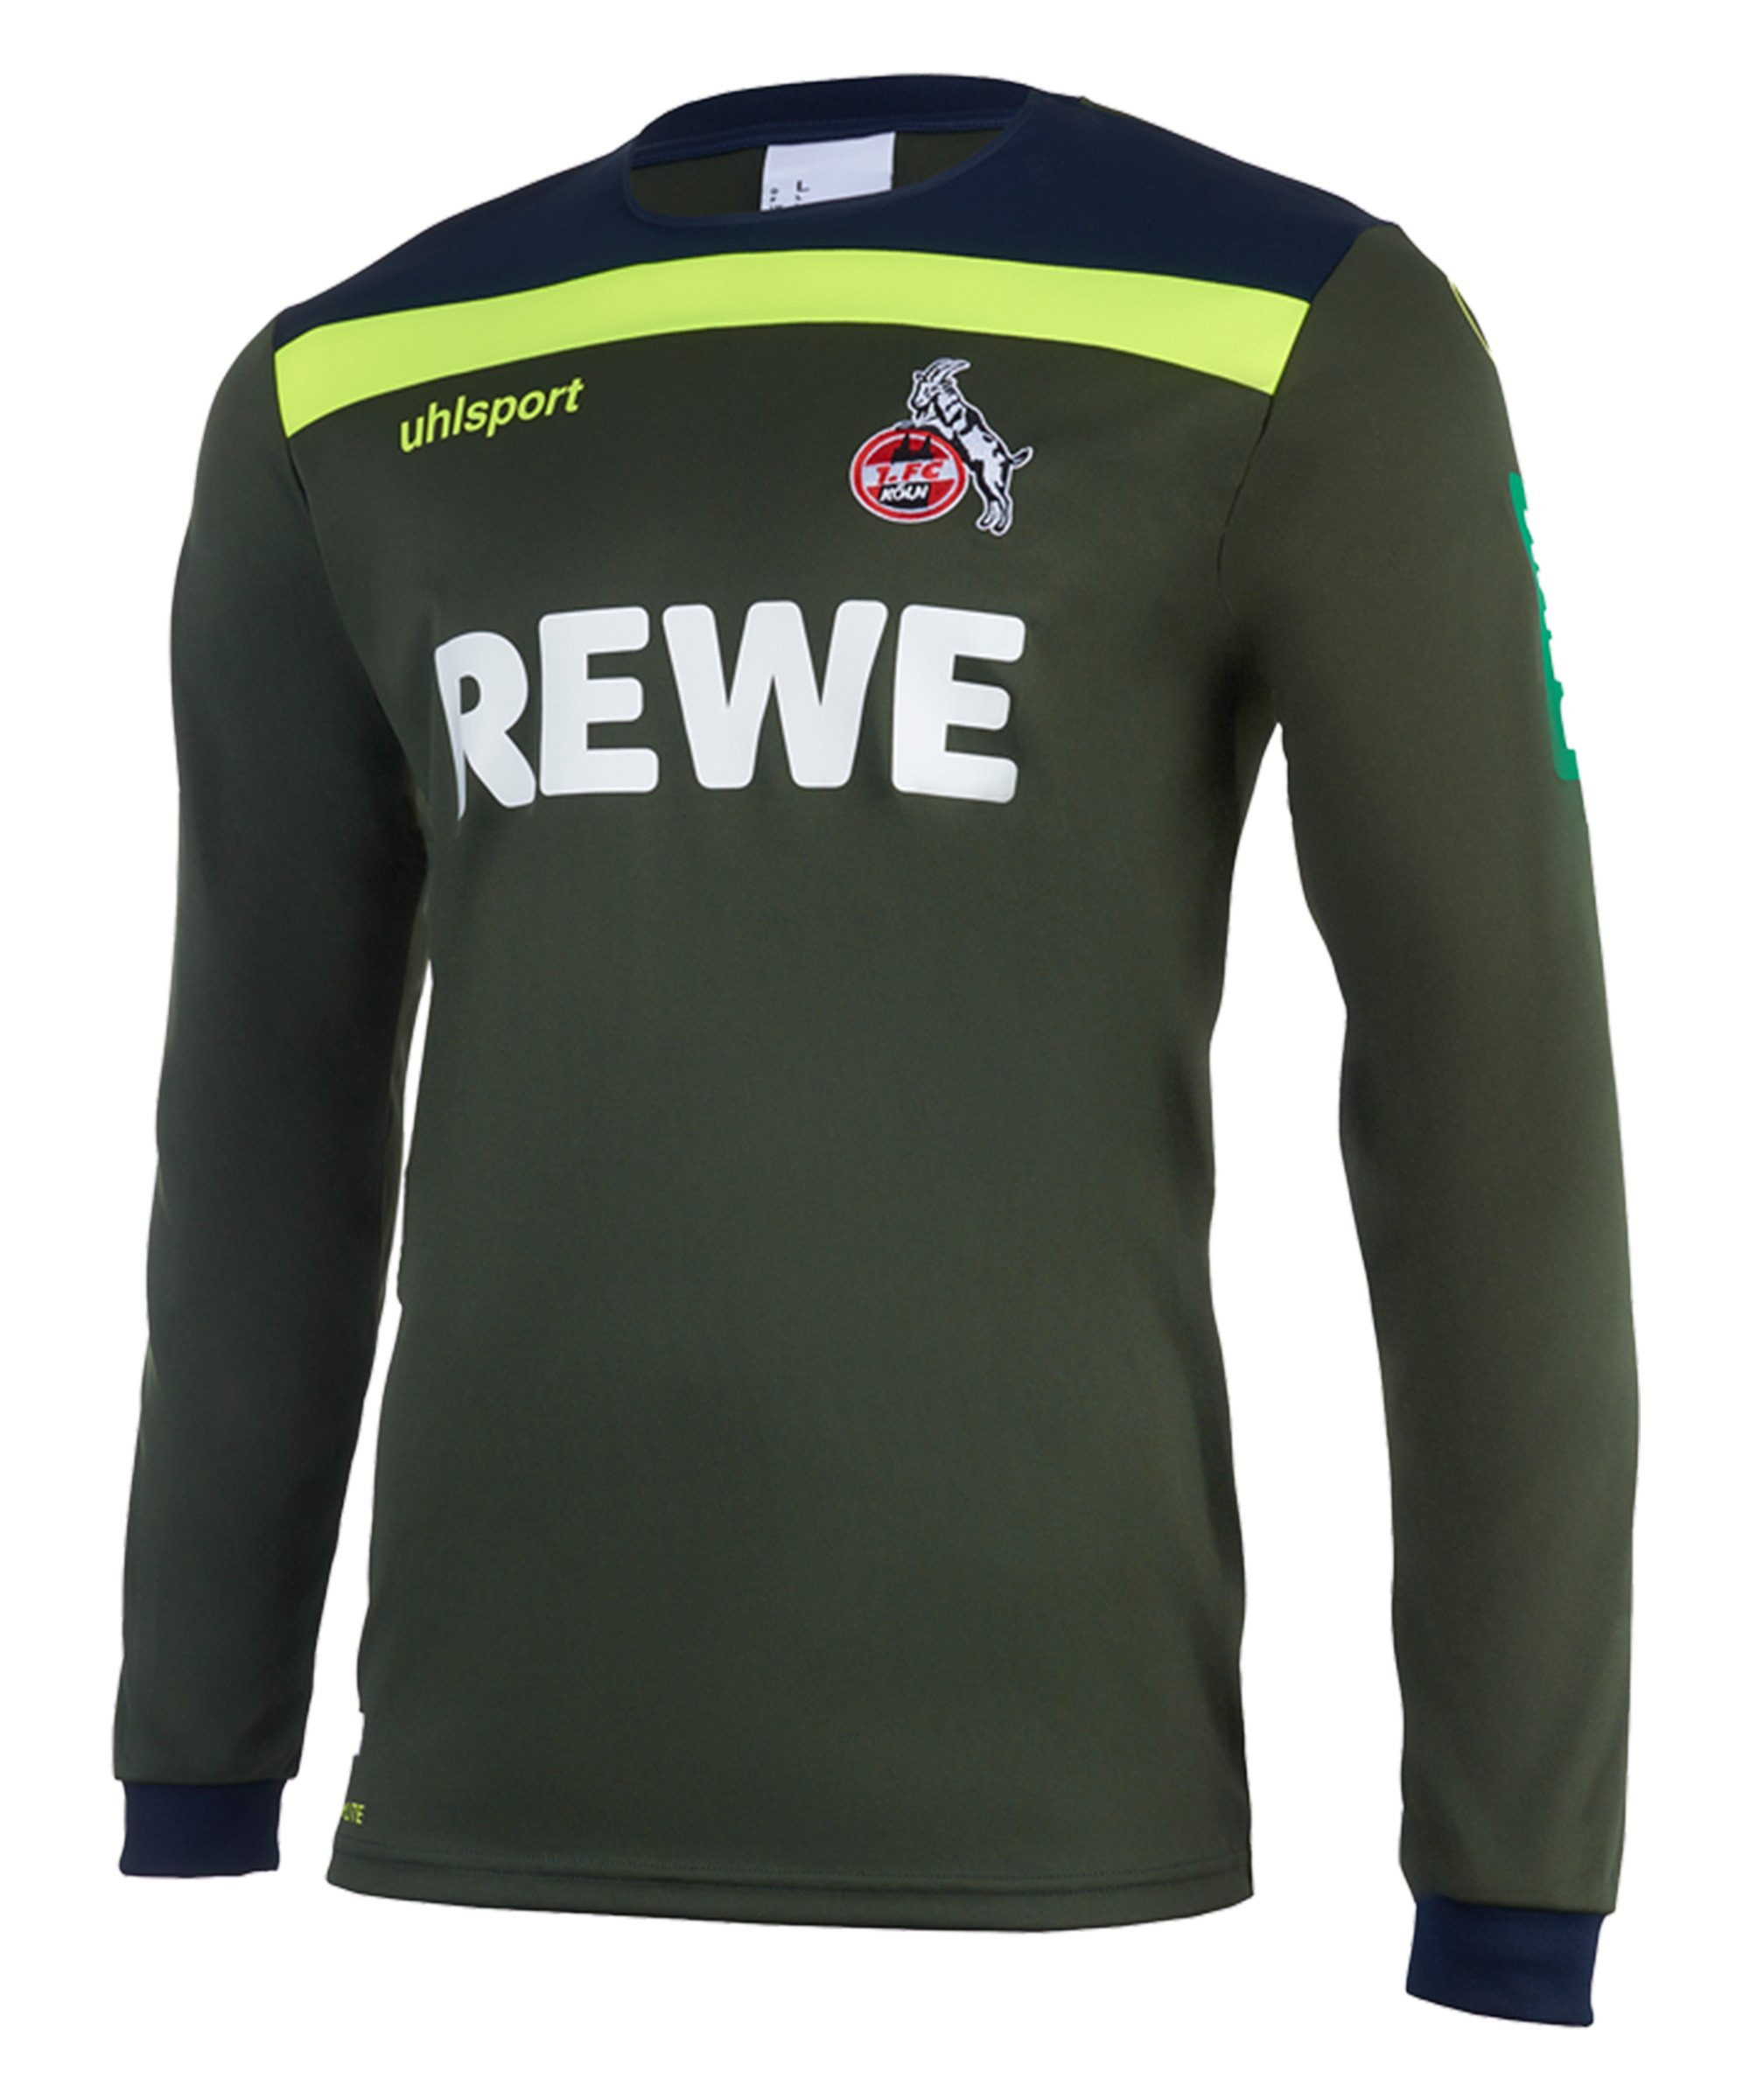 Uhlsport 1. FC Köln TW-Trikot LA 2020/2021 Kids Grün - gruen